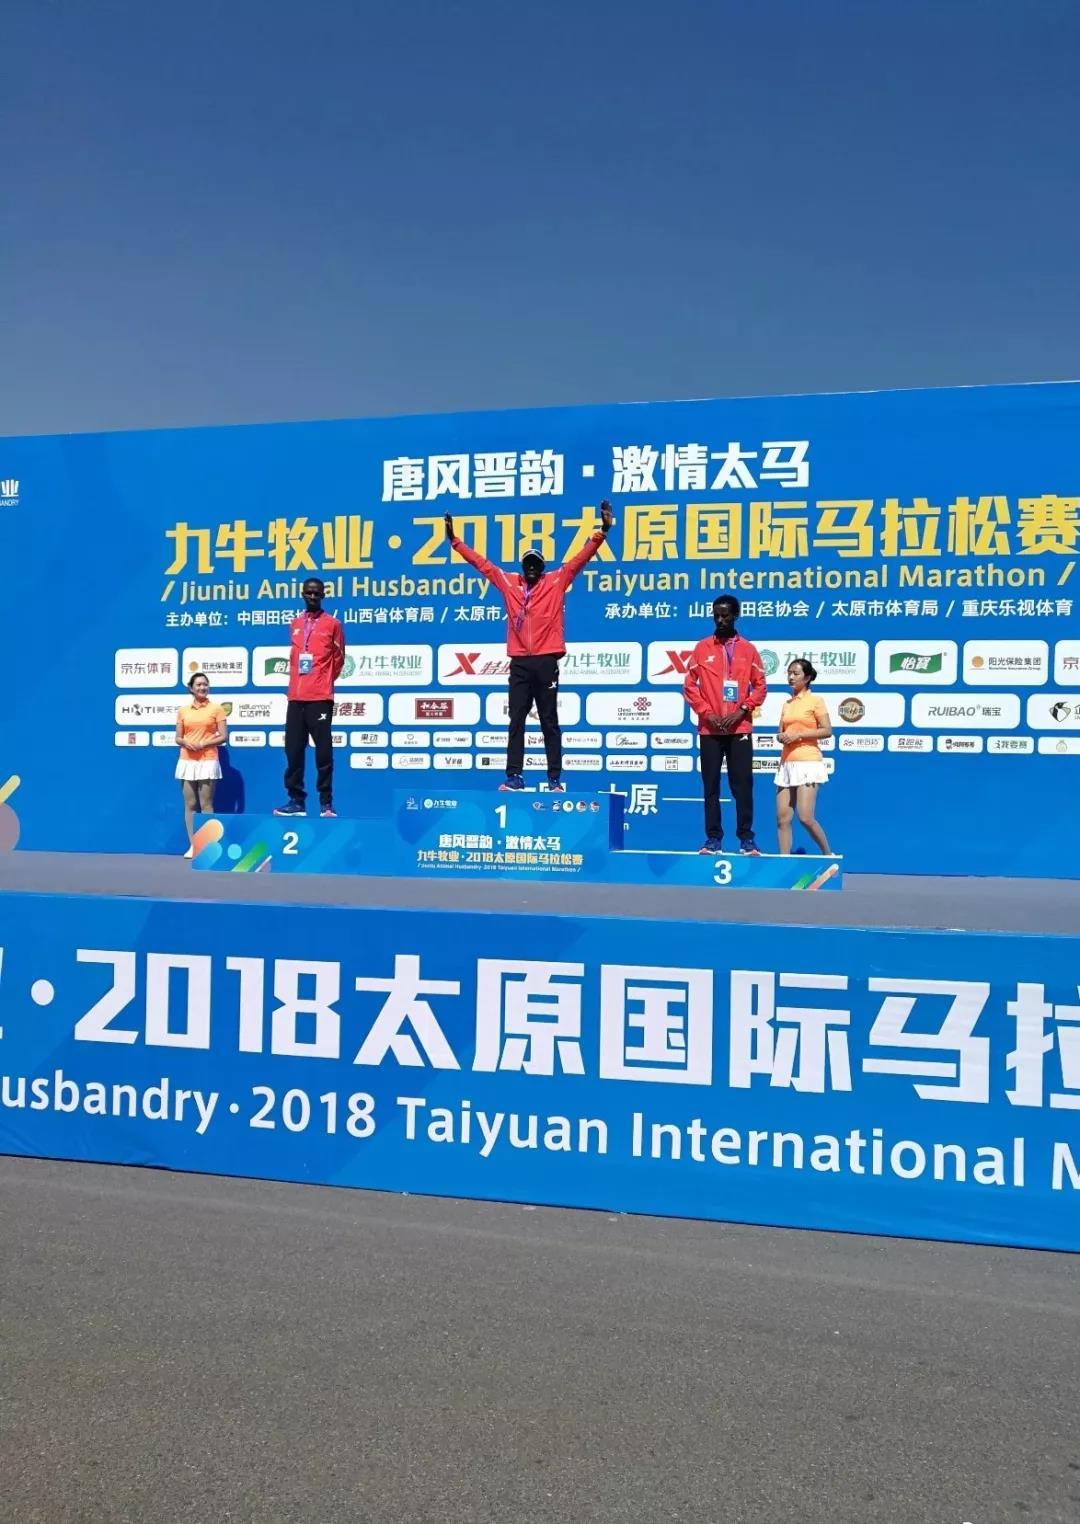 汤如意·2018太原国际马拉松|新闻活动-山西汤如意酒店管理有限公司